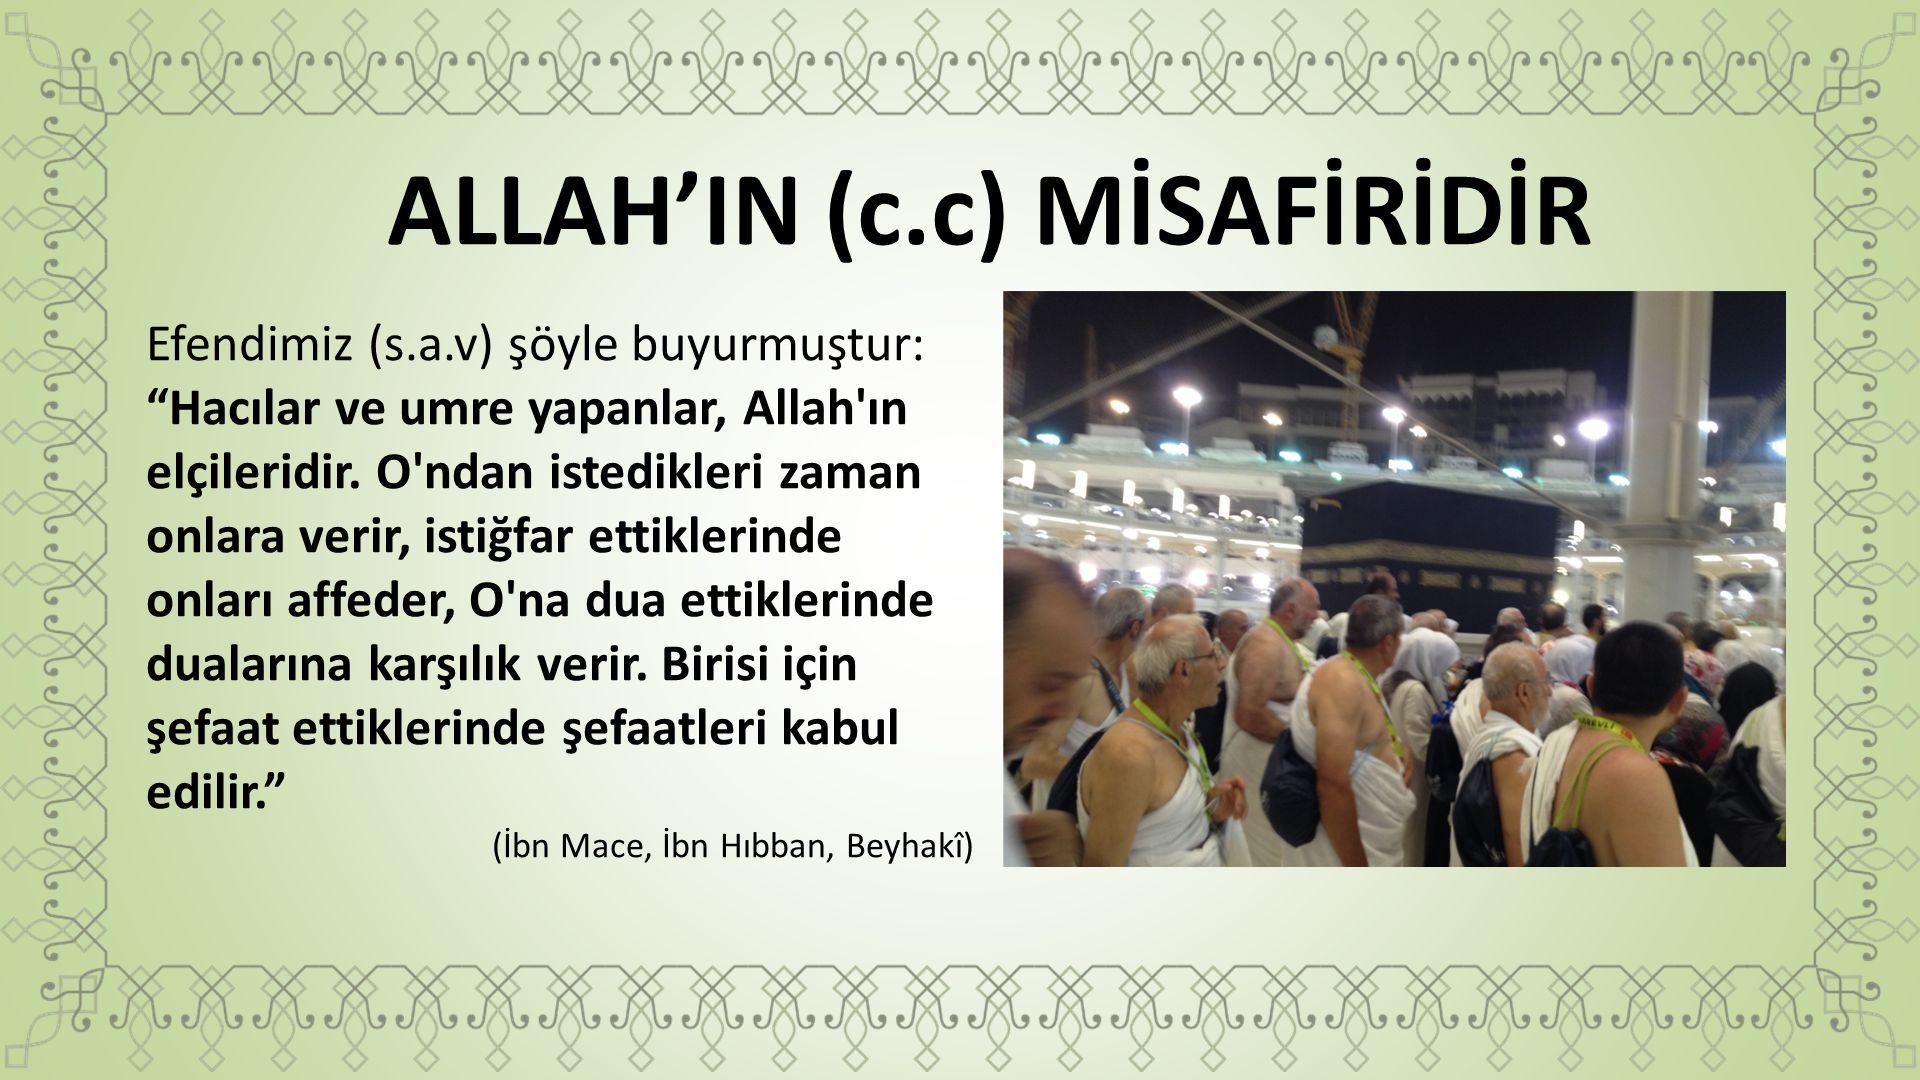 """ALLAH'IN (c.c) MİSAFİRİDİR Efendimiz (s.a.v) şöyle buyurmuştur: """"Hacılar ve umre yapanlar, Allah'ın elçileridir. O'ndan istedikleri zaman onlara verir"""